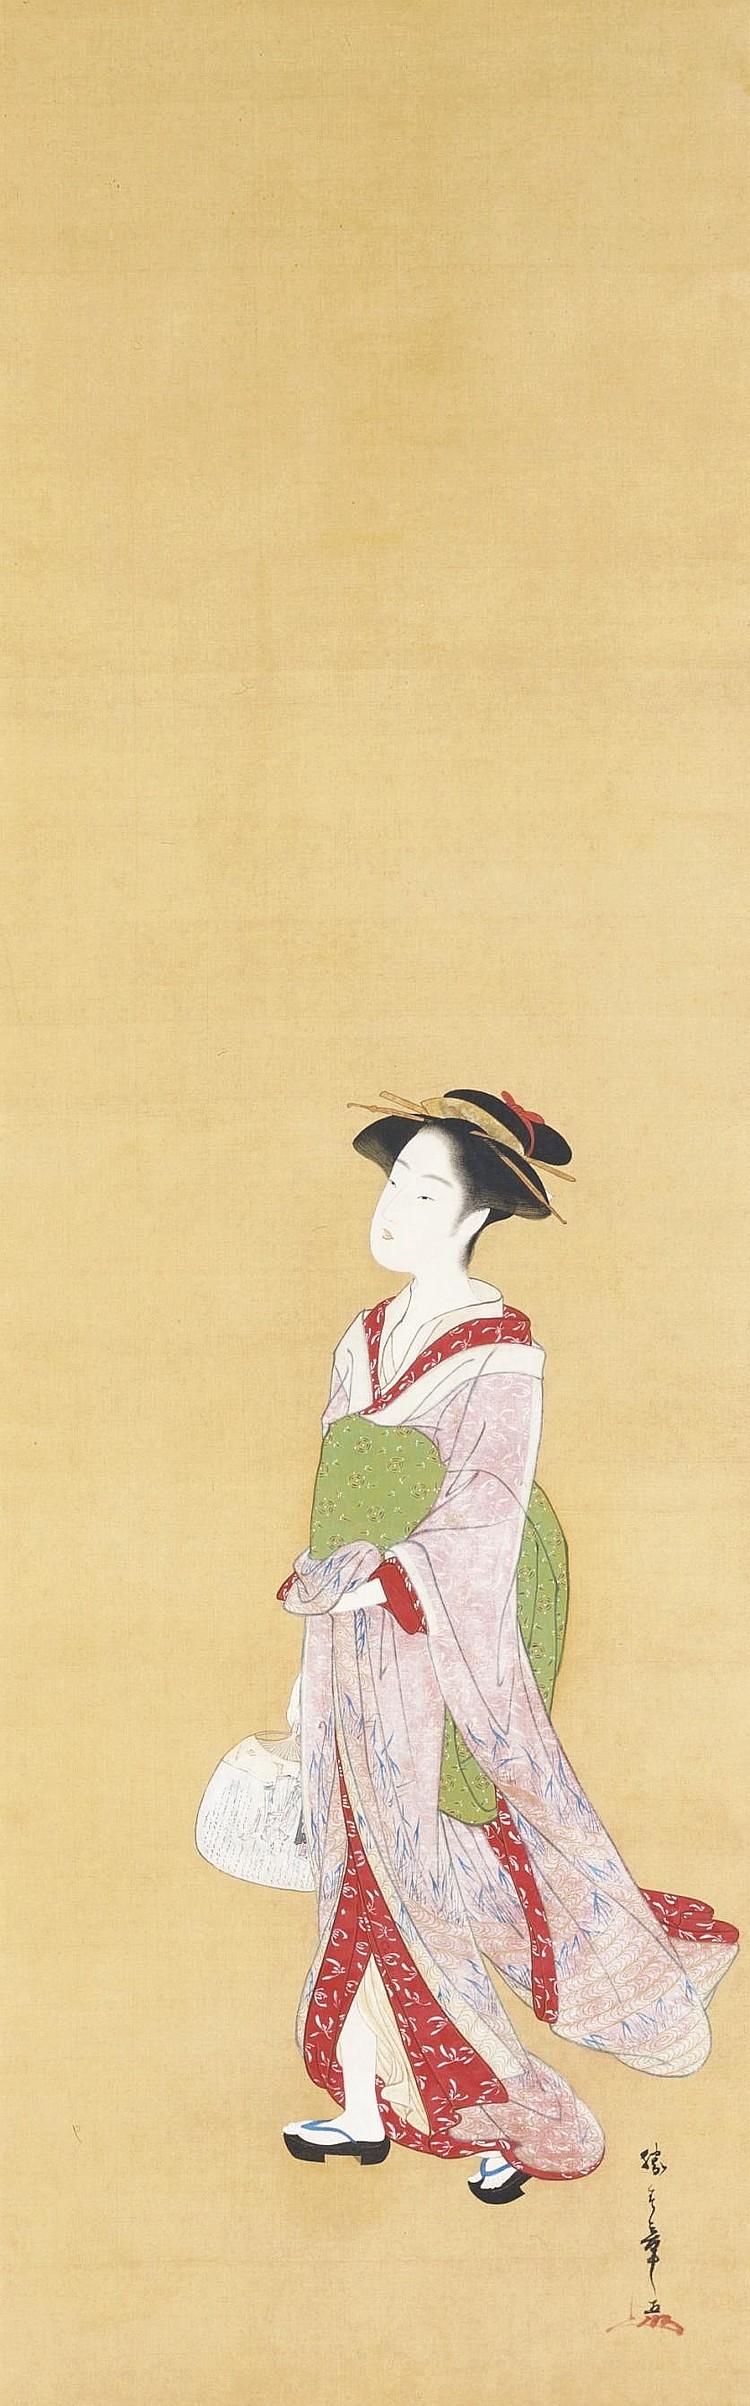 Katsukawa Shunsho (d. 1792)